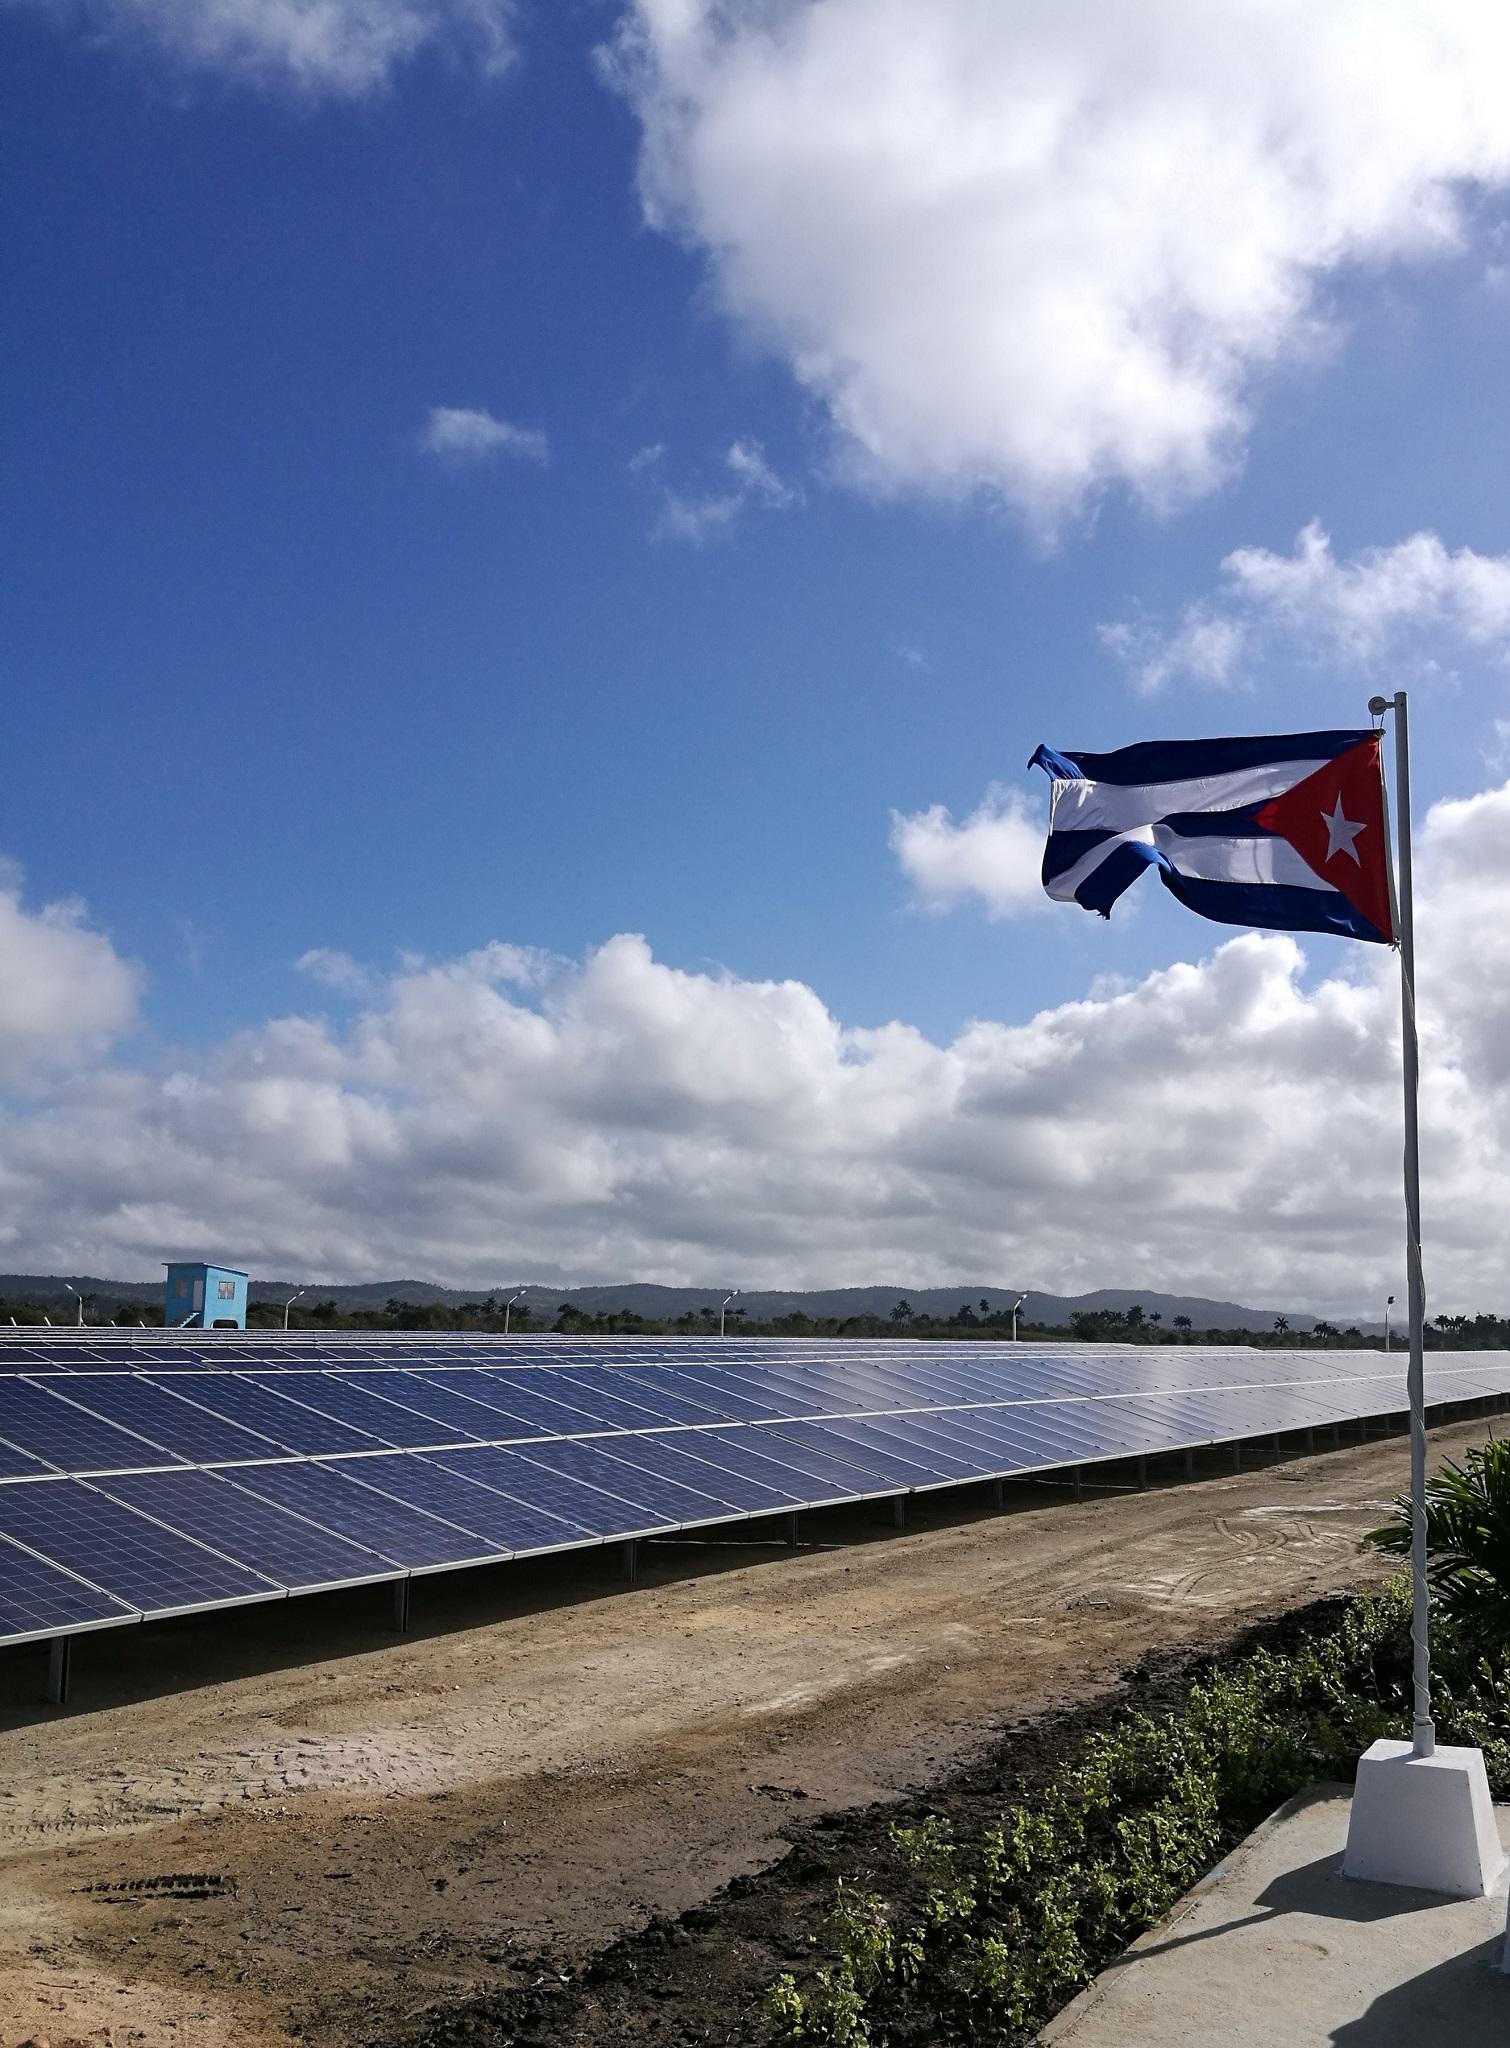 Parque fotovoltaico a Venegas, Cuba